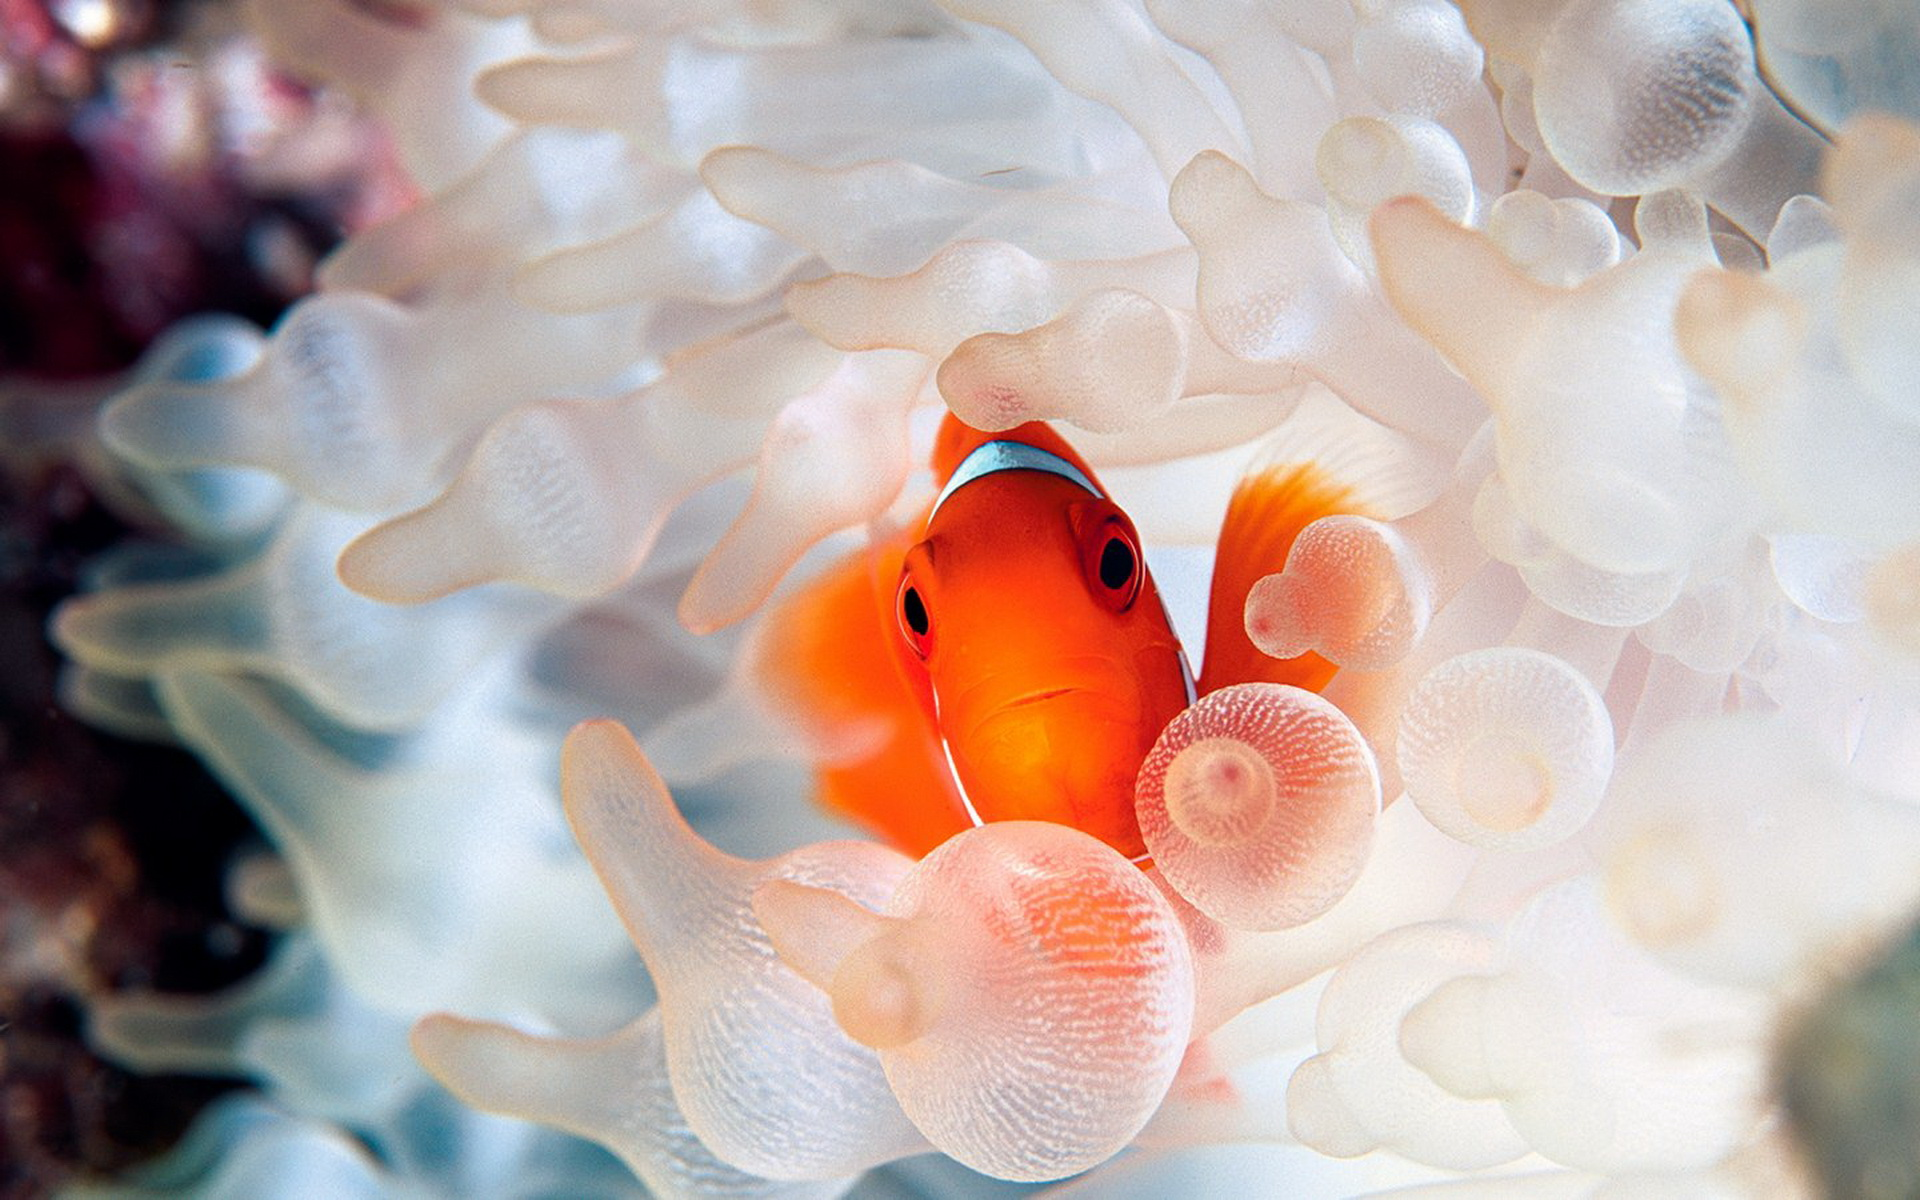 海底海葵和小丑鱼 1920x1200 壁纸 桌面壁纸 高清图片